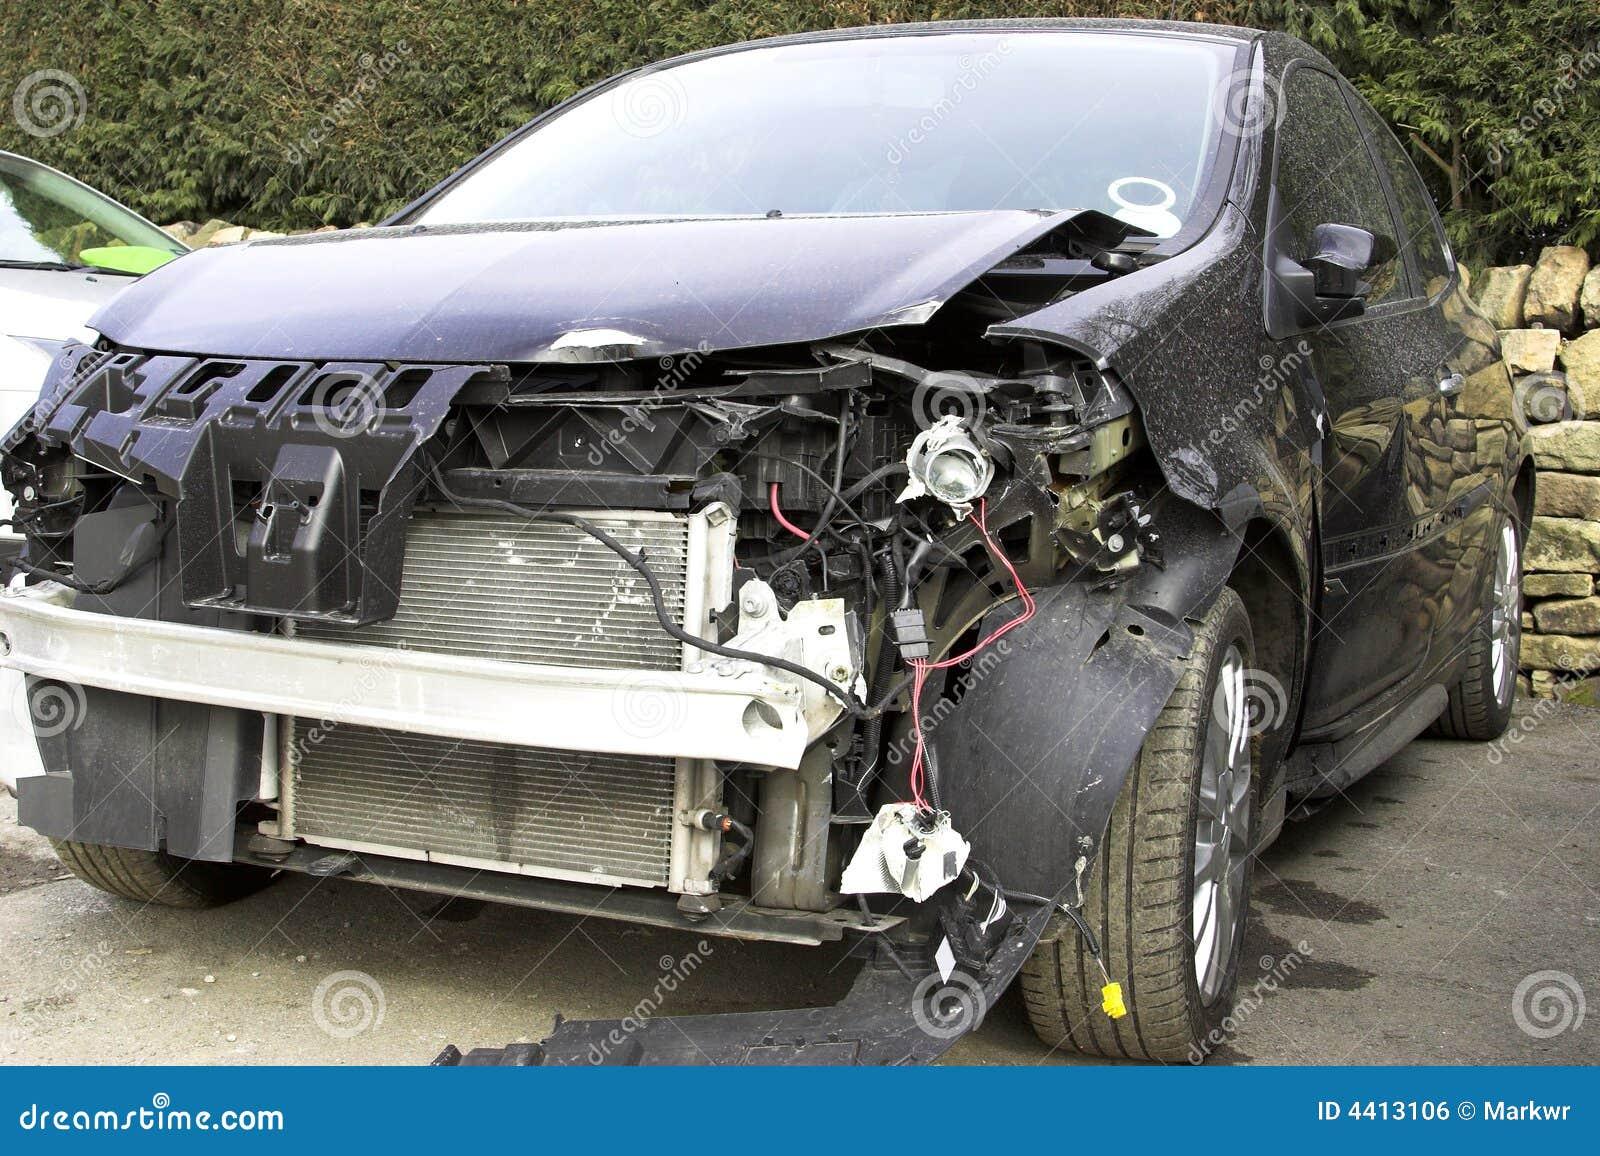 Wunderbar Autounfall Fotos Kostenloser Download Galerie ...